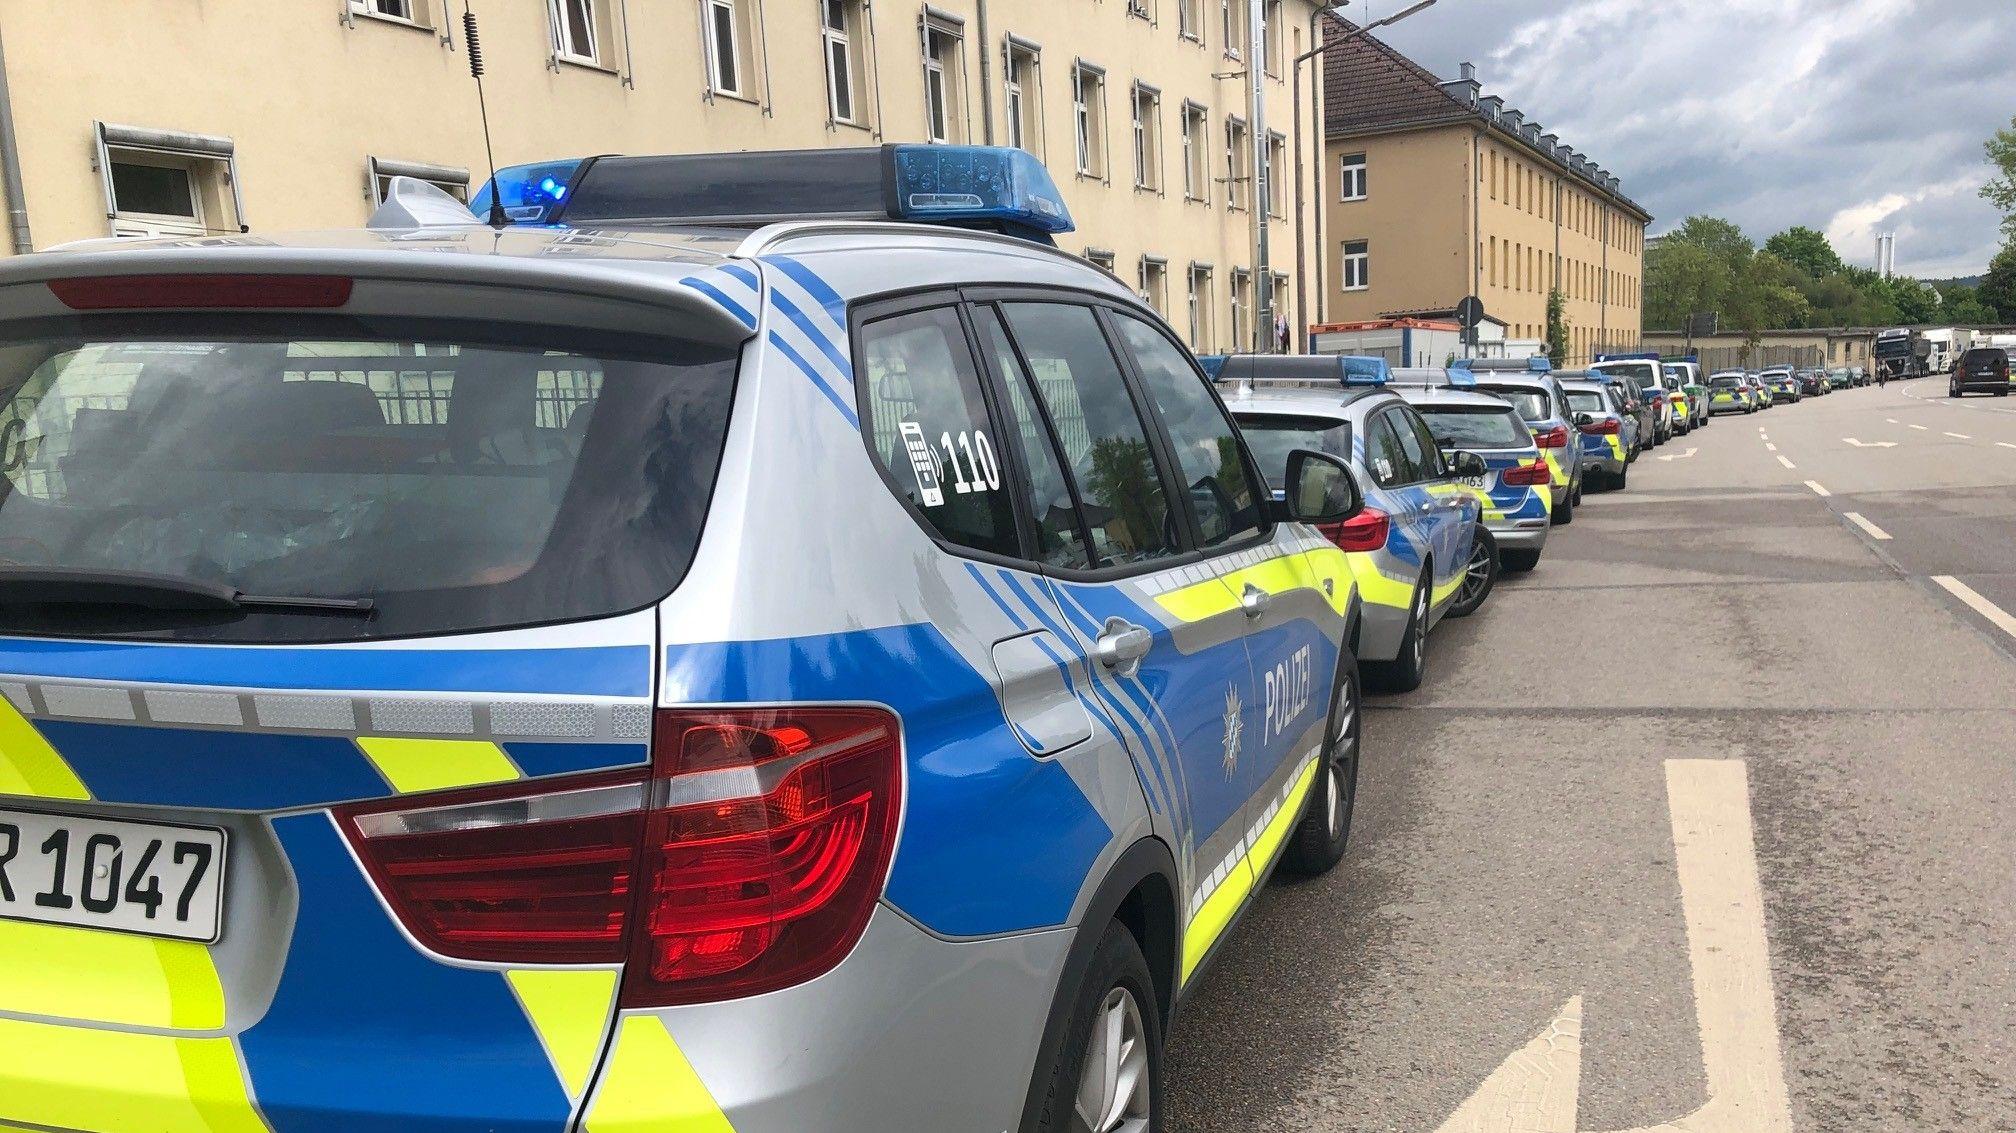 Zahlreiche Polizeikräfte waren am Ankerzentrum im Einsatz